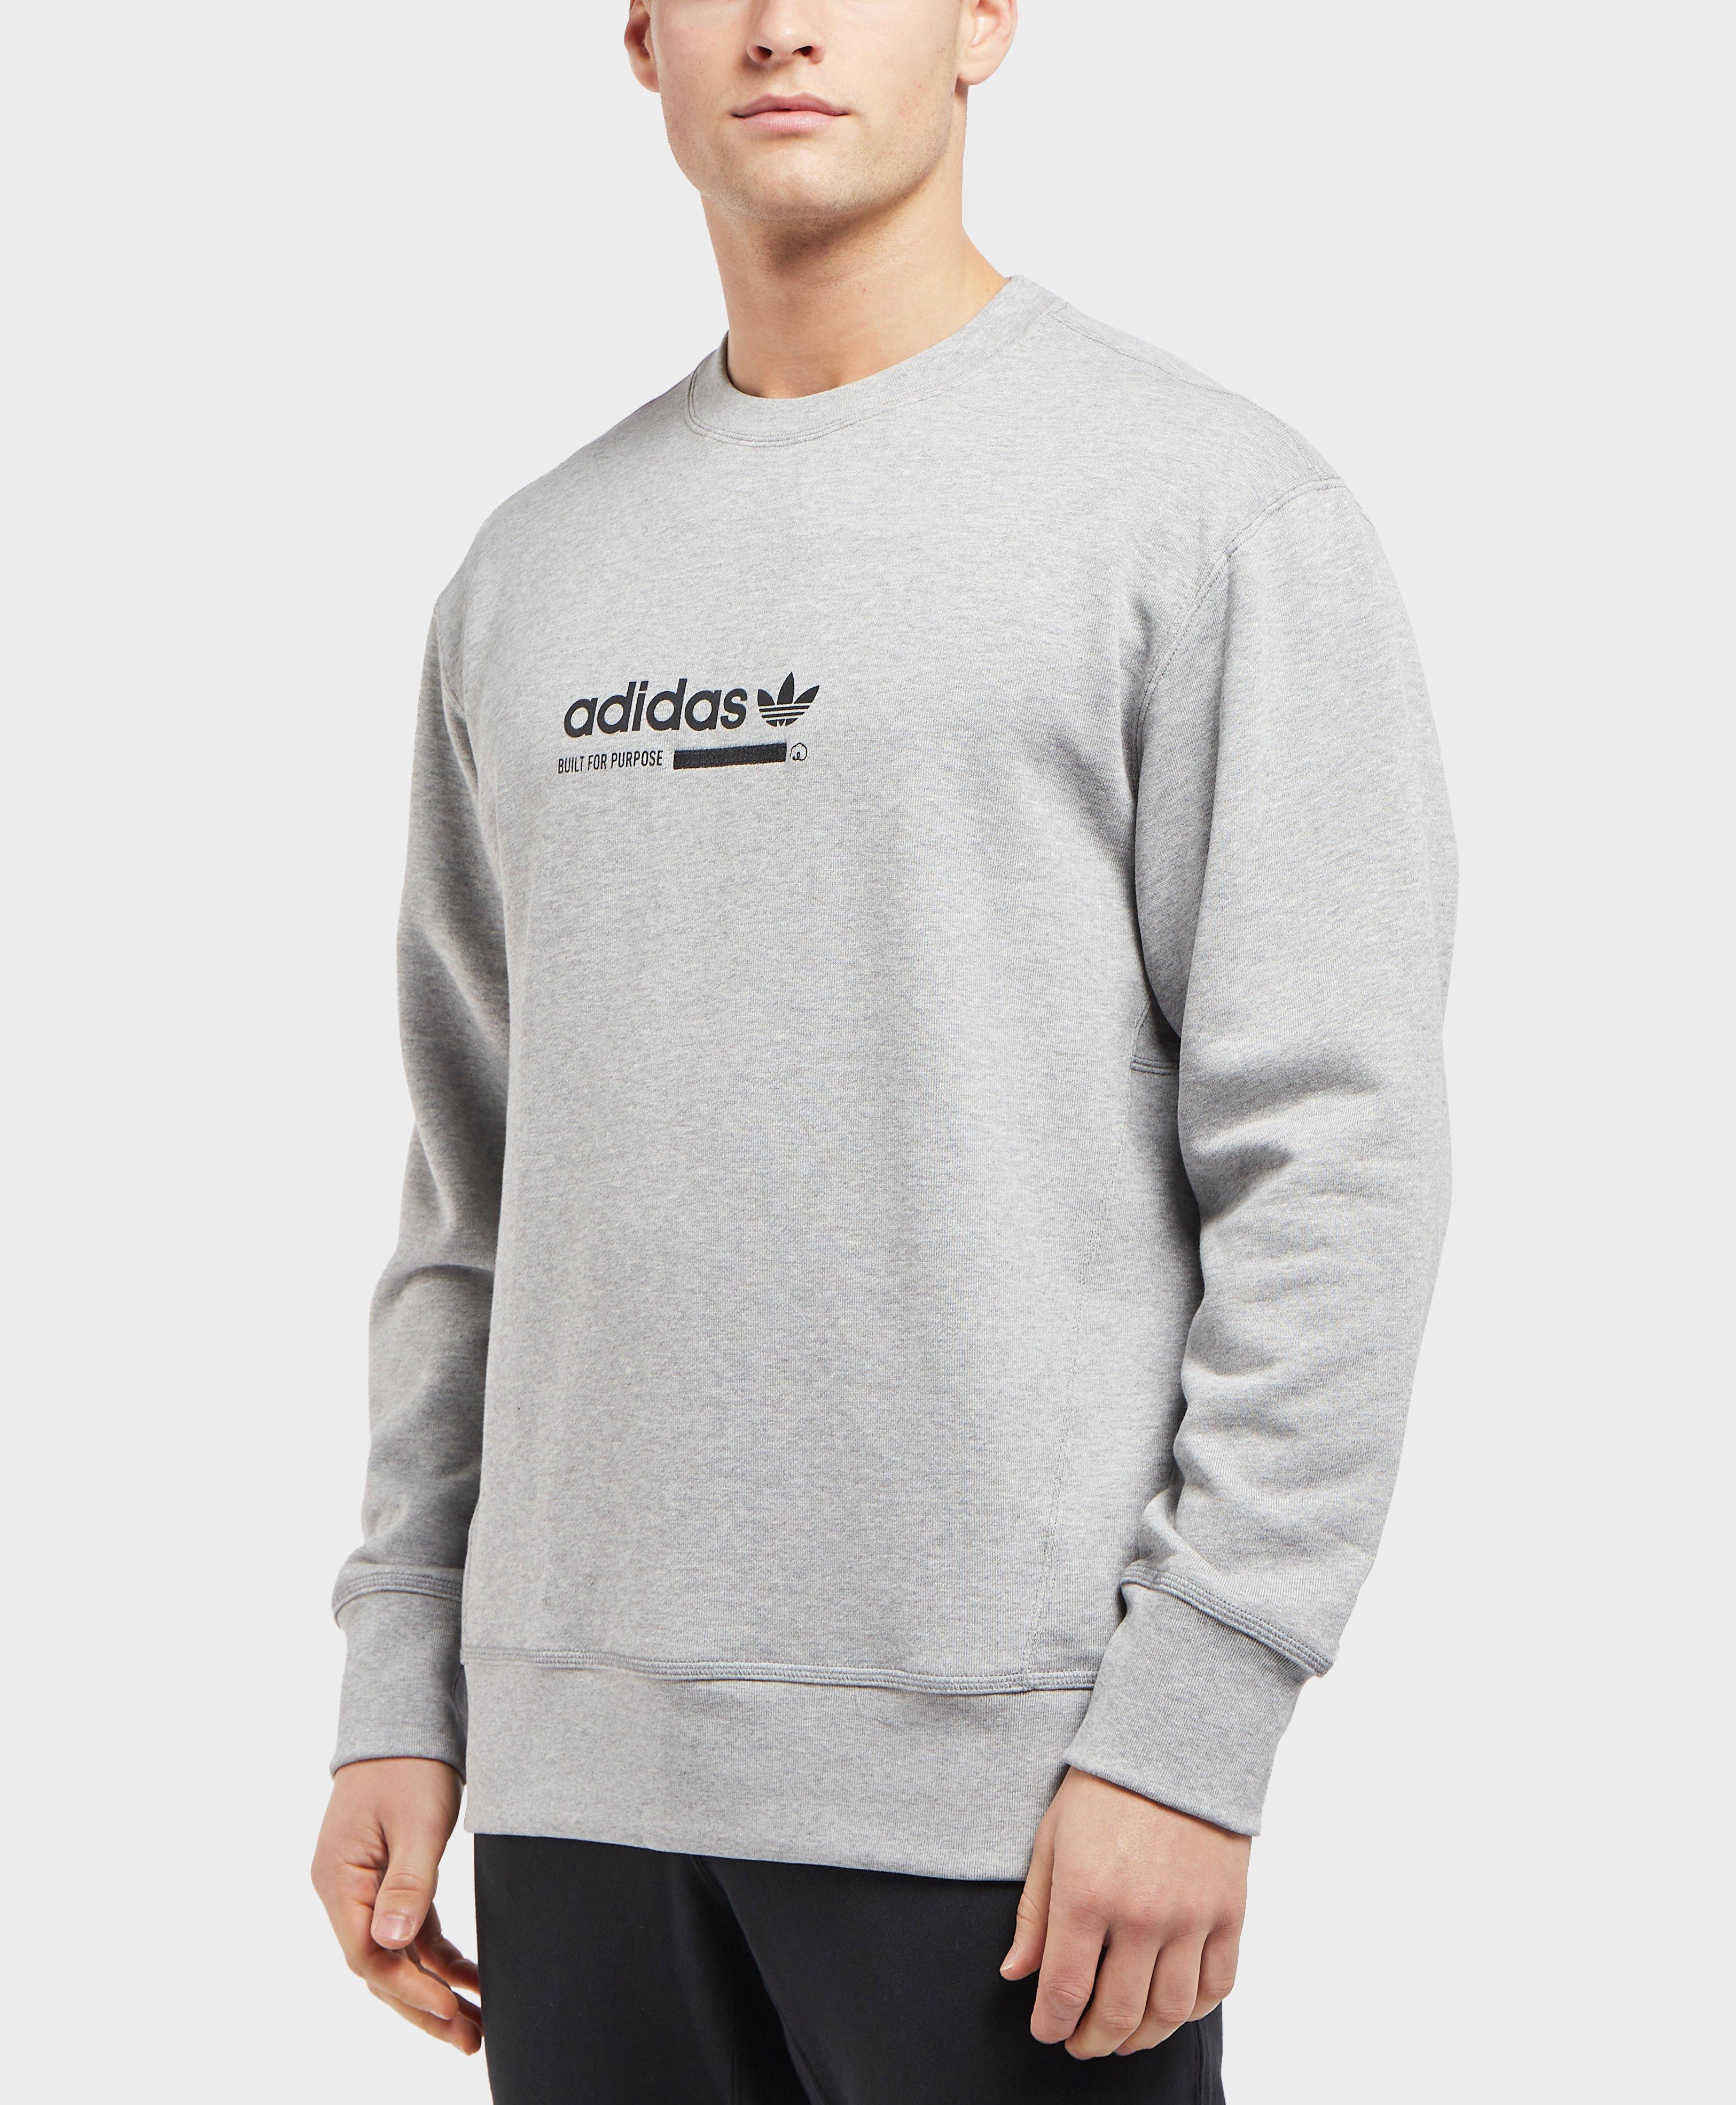 Originals Gray For Men Adidas In Lyst Sweatshirt Kaval Crew fqnAwZd